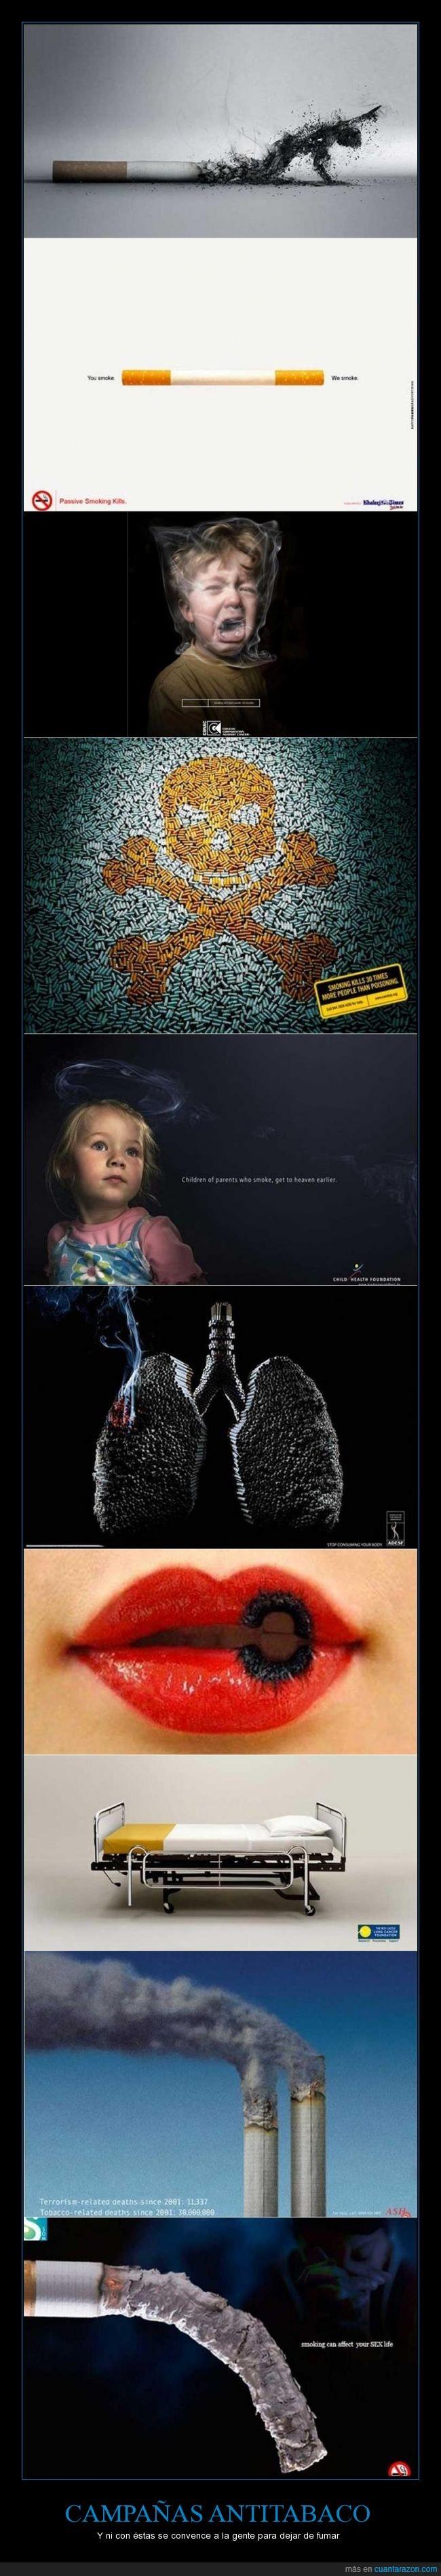 campañas publicitarias,cigarrillo,Cigarro,crear conciencia,fumar,publicidad,vicio